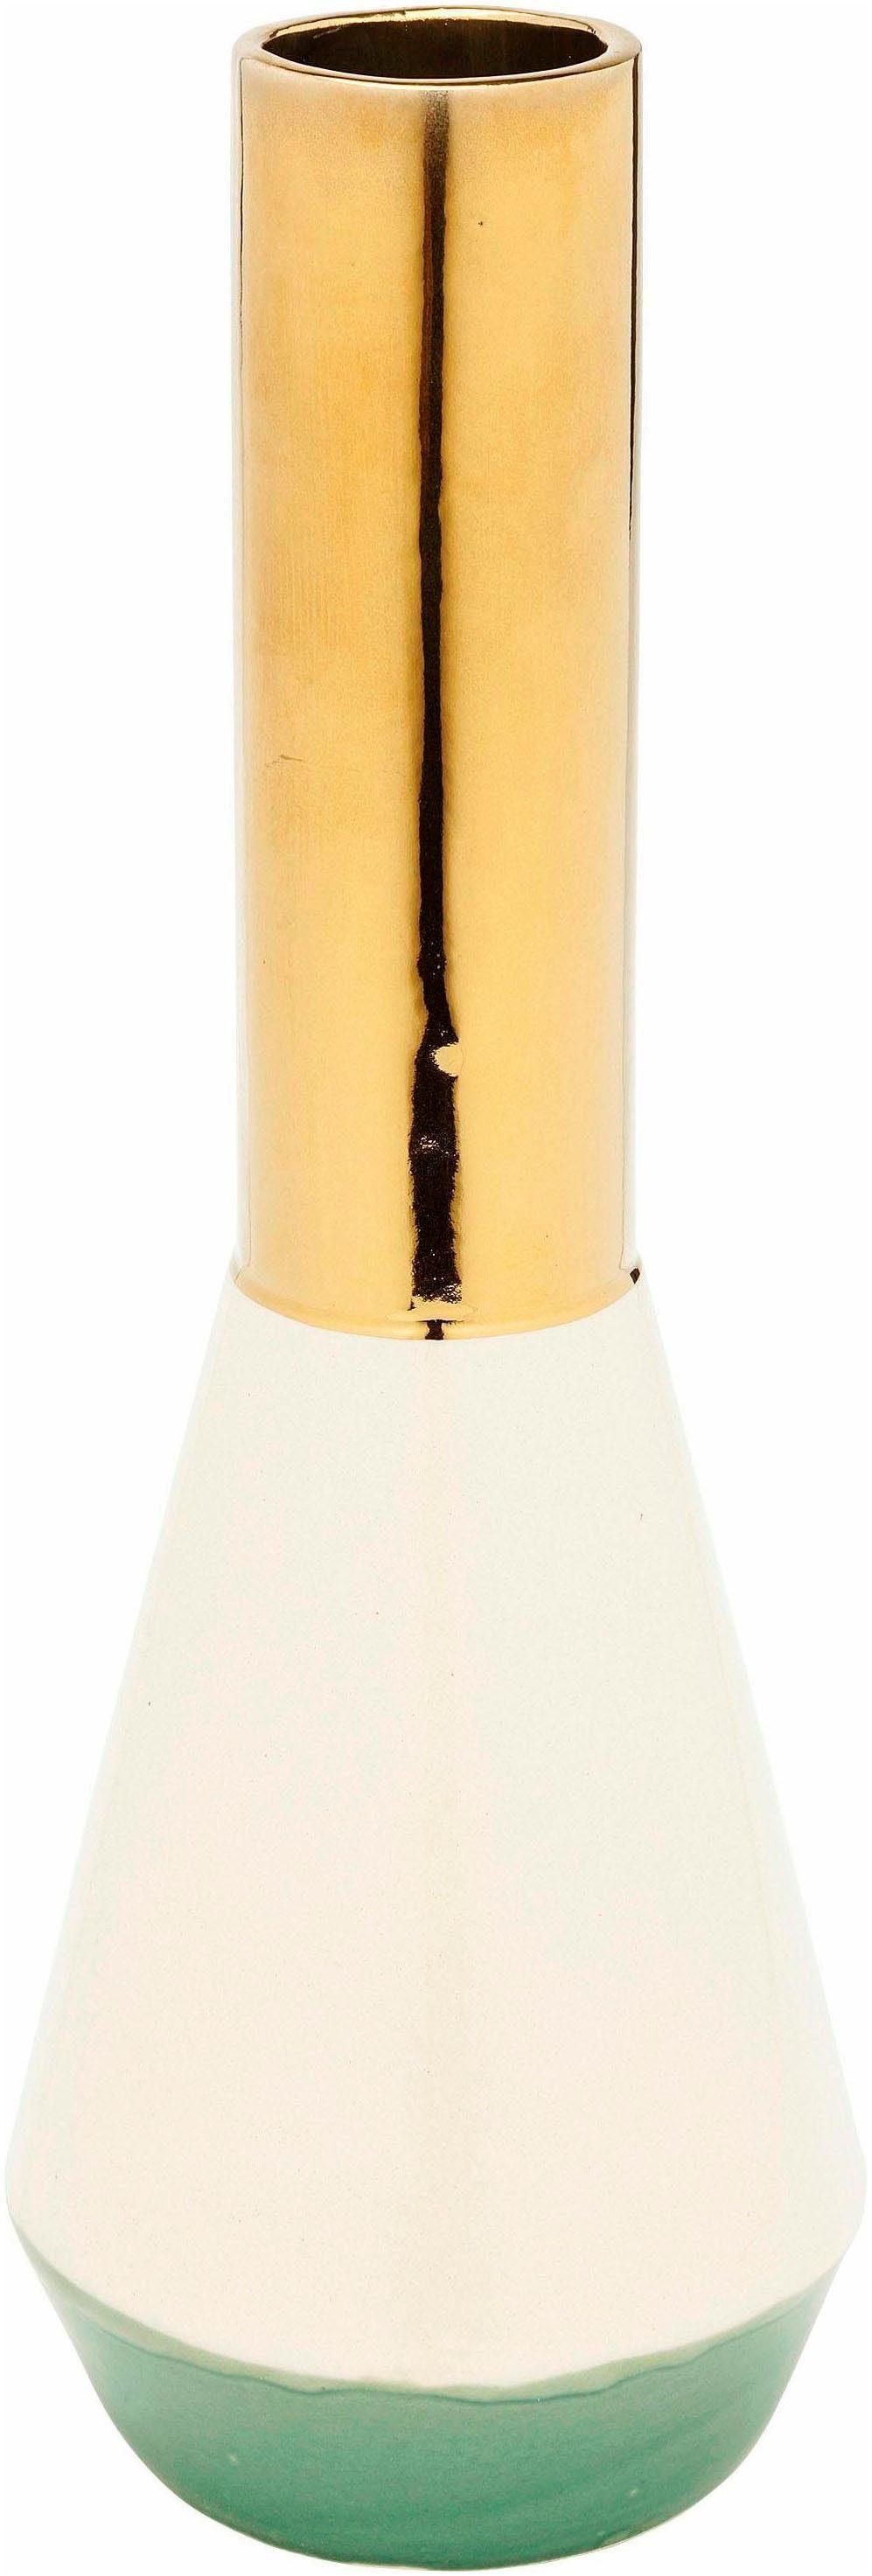 KARE Design Vase Pipe Colore